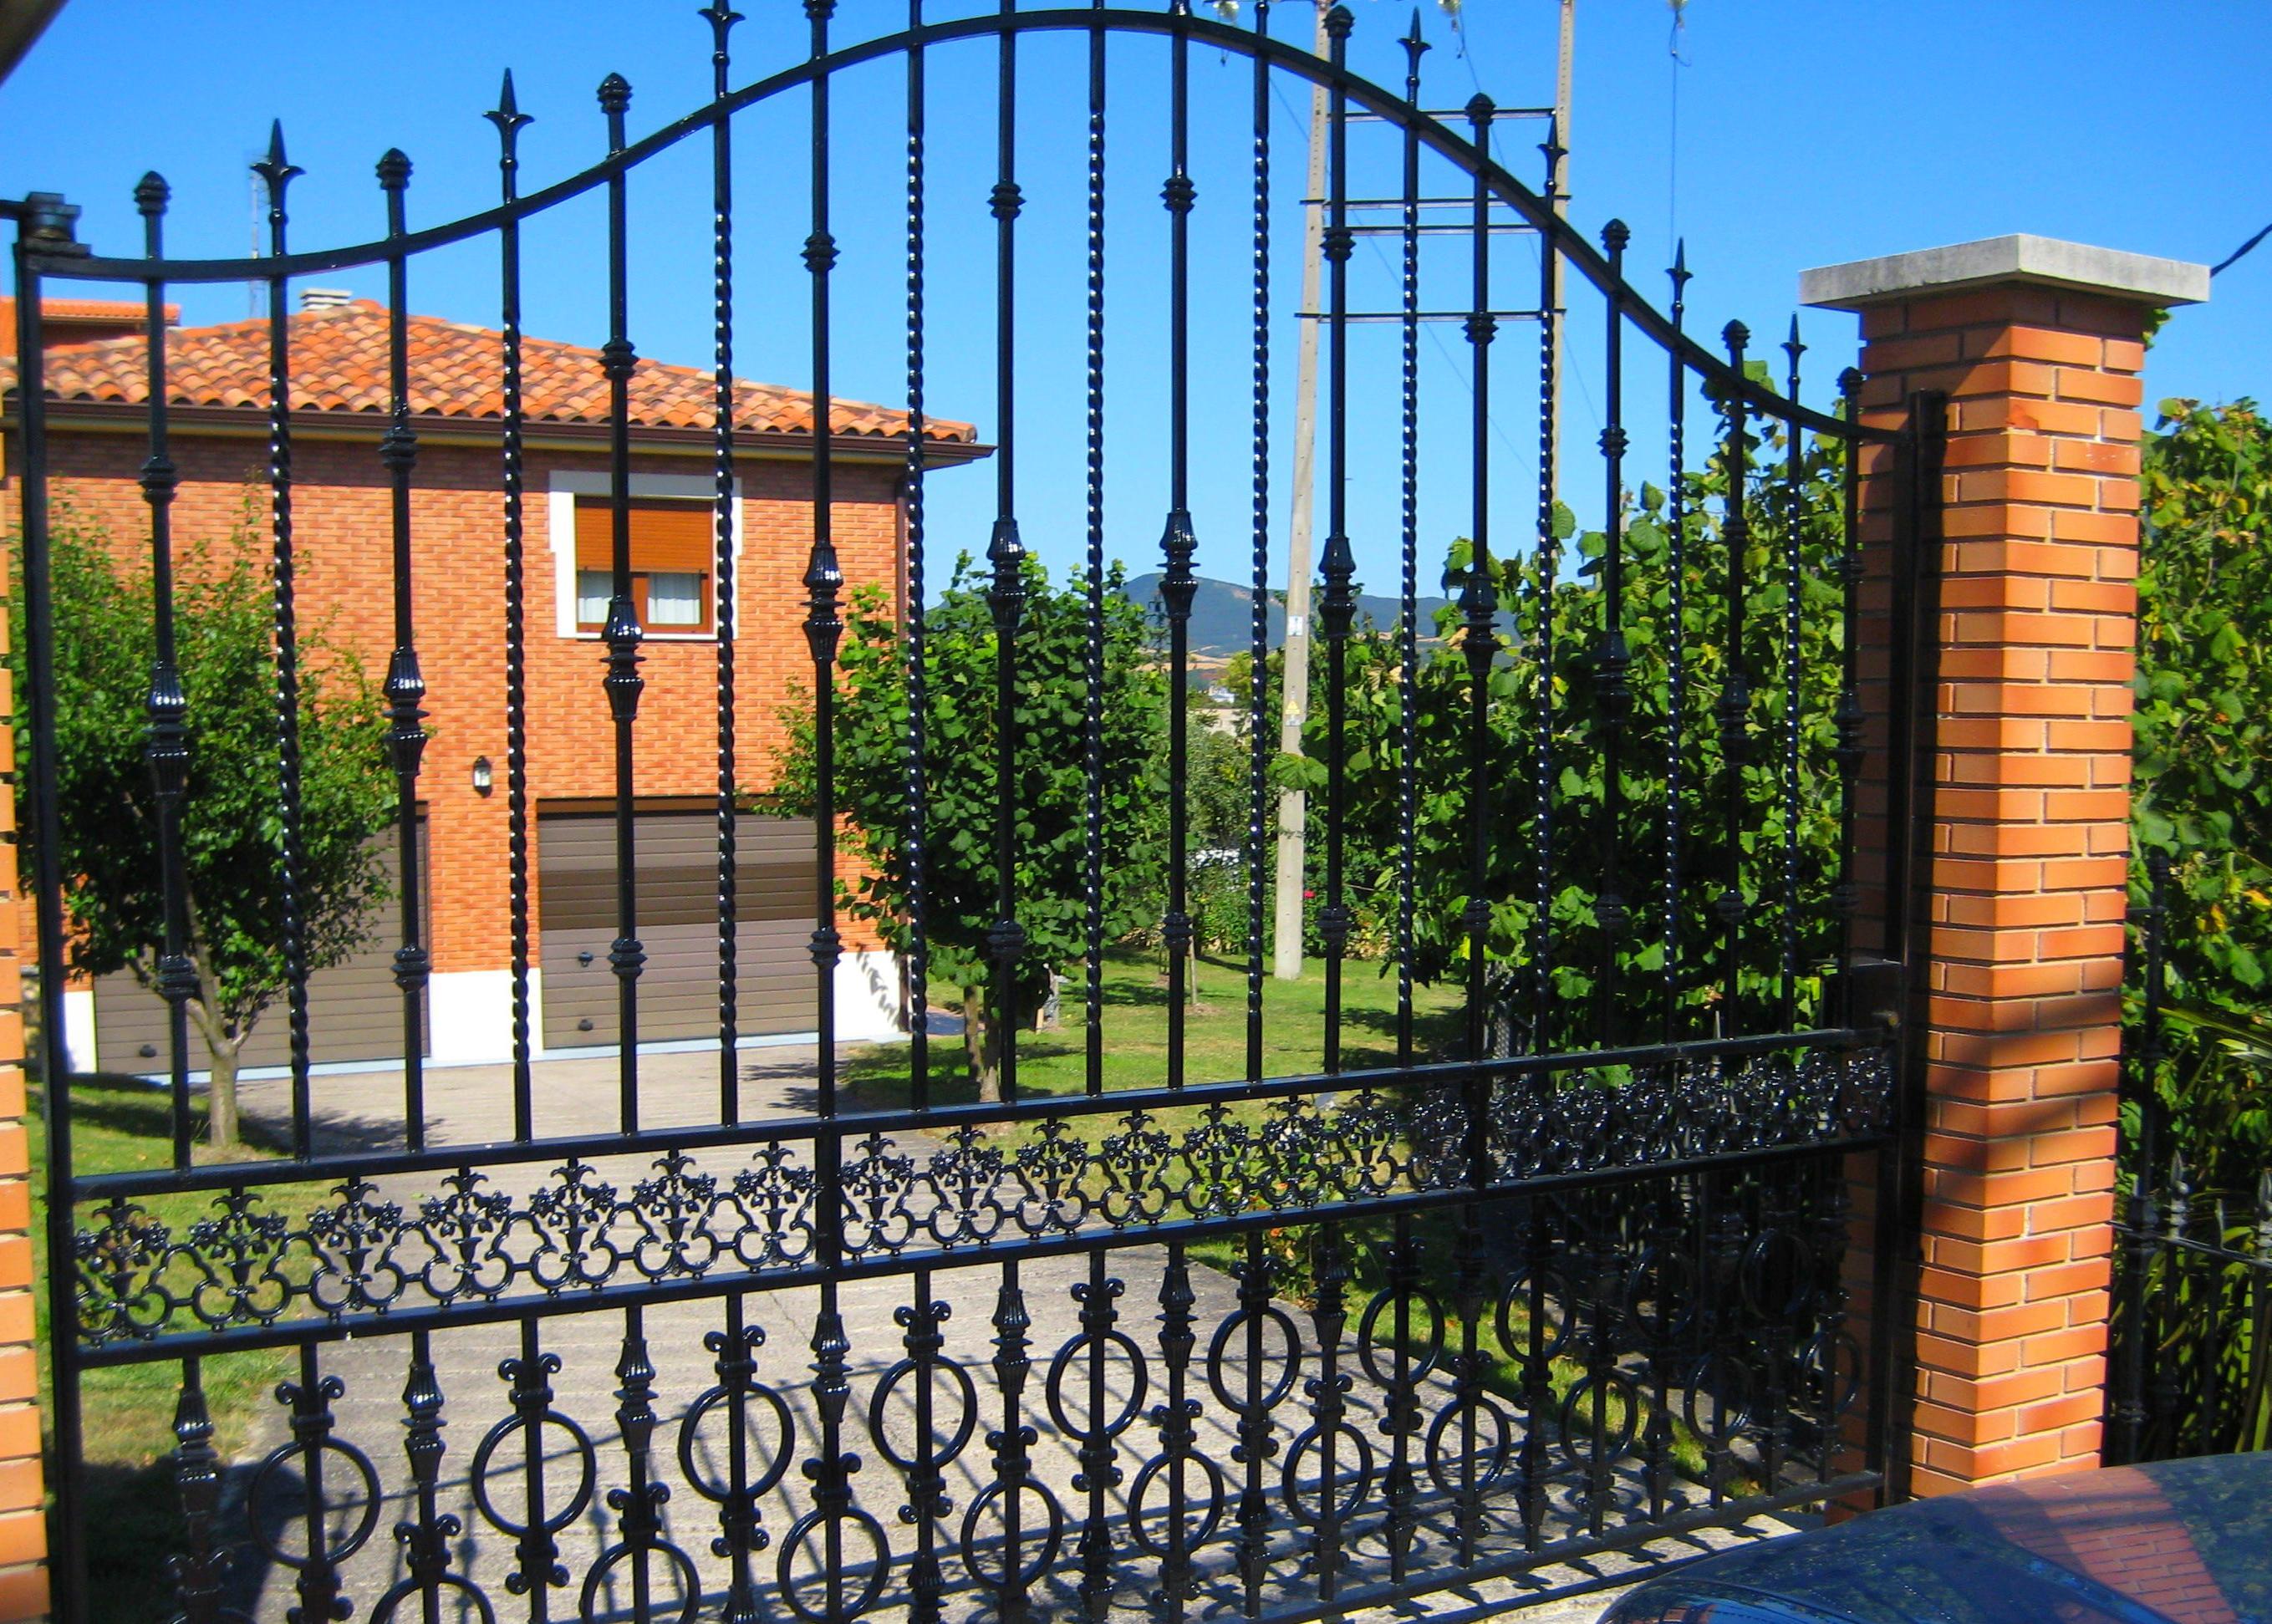 Foto 2 de Carpintería metálica y herrería en Vitoria-Gasteiz | Talleres Sabarte